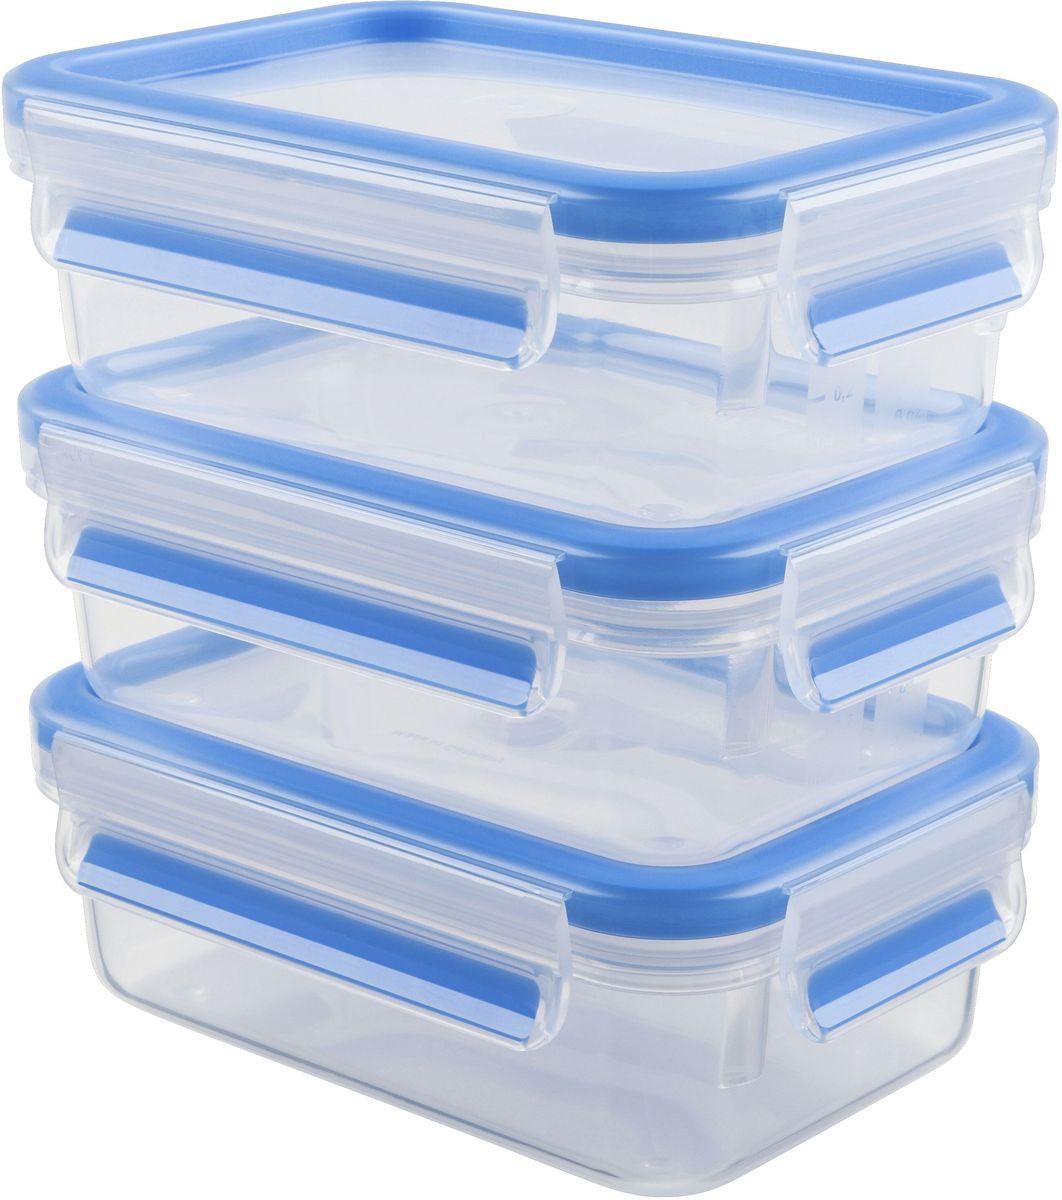 Набор контейнеров Emsa Clip&Close, цвет: голубой, прозрачный, 3 предмета, 550 млВетерок-2 У_6 поддоновНабор Emsa Clip&Close состоит из трех контейнеров одинакового объема, изготовленных из высококачественного пищевого пластика, который выдерживает температуру от -40°С до +110°С, не впитывает запахи и не изменяет цвет. Это абсолютно гигиеничный продукт, который подходит для хранения даже детского питания. Изделия снабжены крышками, плотно закрывающимися на 4 защелки. Герметичность достигается за счет специальных силиконовых прослоек, которые позволяют использовать контейнер для хранения не только пищи, но и напитков. В таком контейнере продукты долгое время сохраняют свою свежесть. Прозрачные стенки позволяют просматривать содержимое. Сбоку имеются отметки литража. Изделия подходят для домашнего использования, для пикников, поездок, такие контейнеры удобно брать с собой на работу или учебу. Можно использовать в СВЧ-печах, холодильниках, посудомоечных машинах, морозильных камерах. Объем контейнеров: 0,55 л.